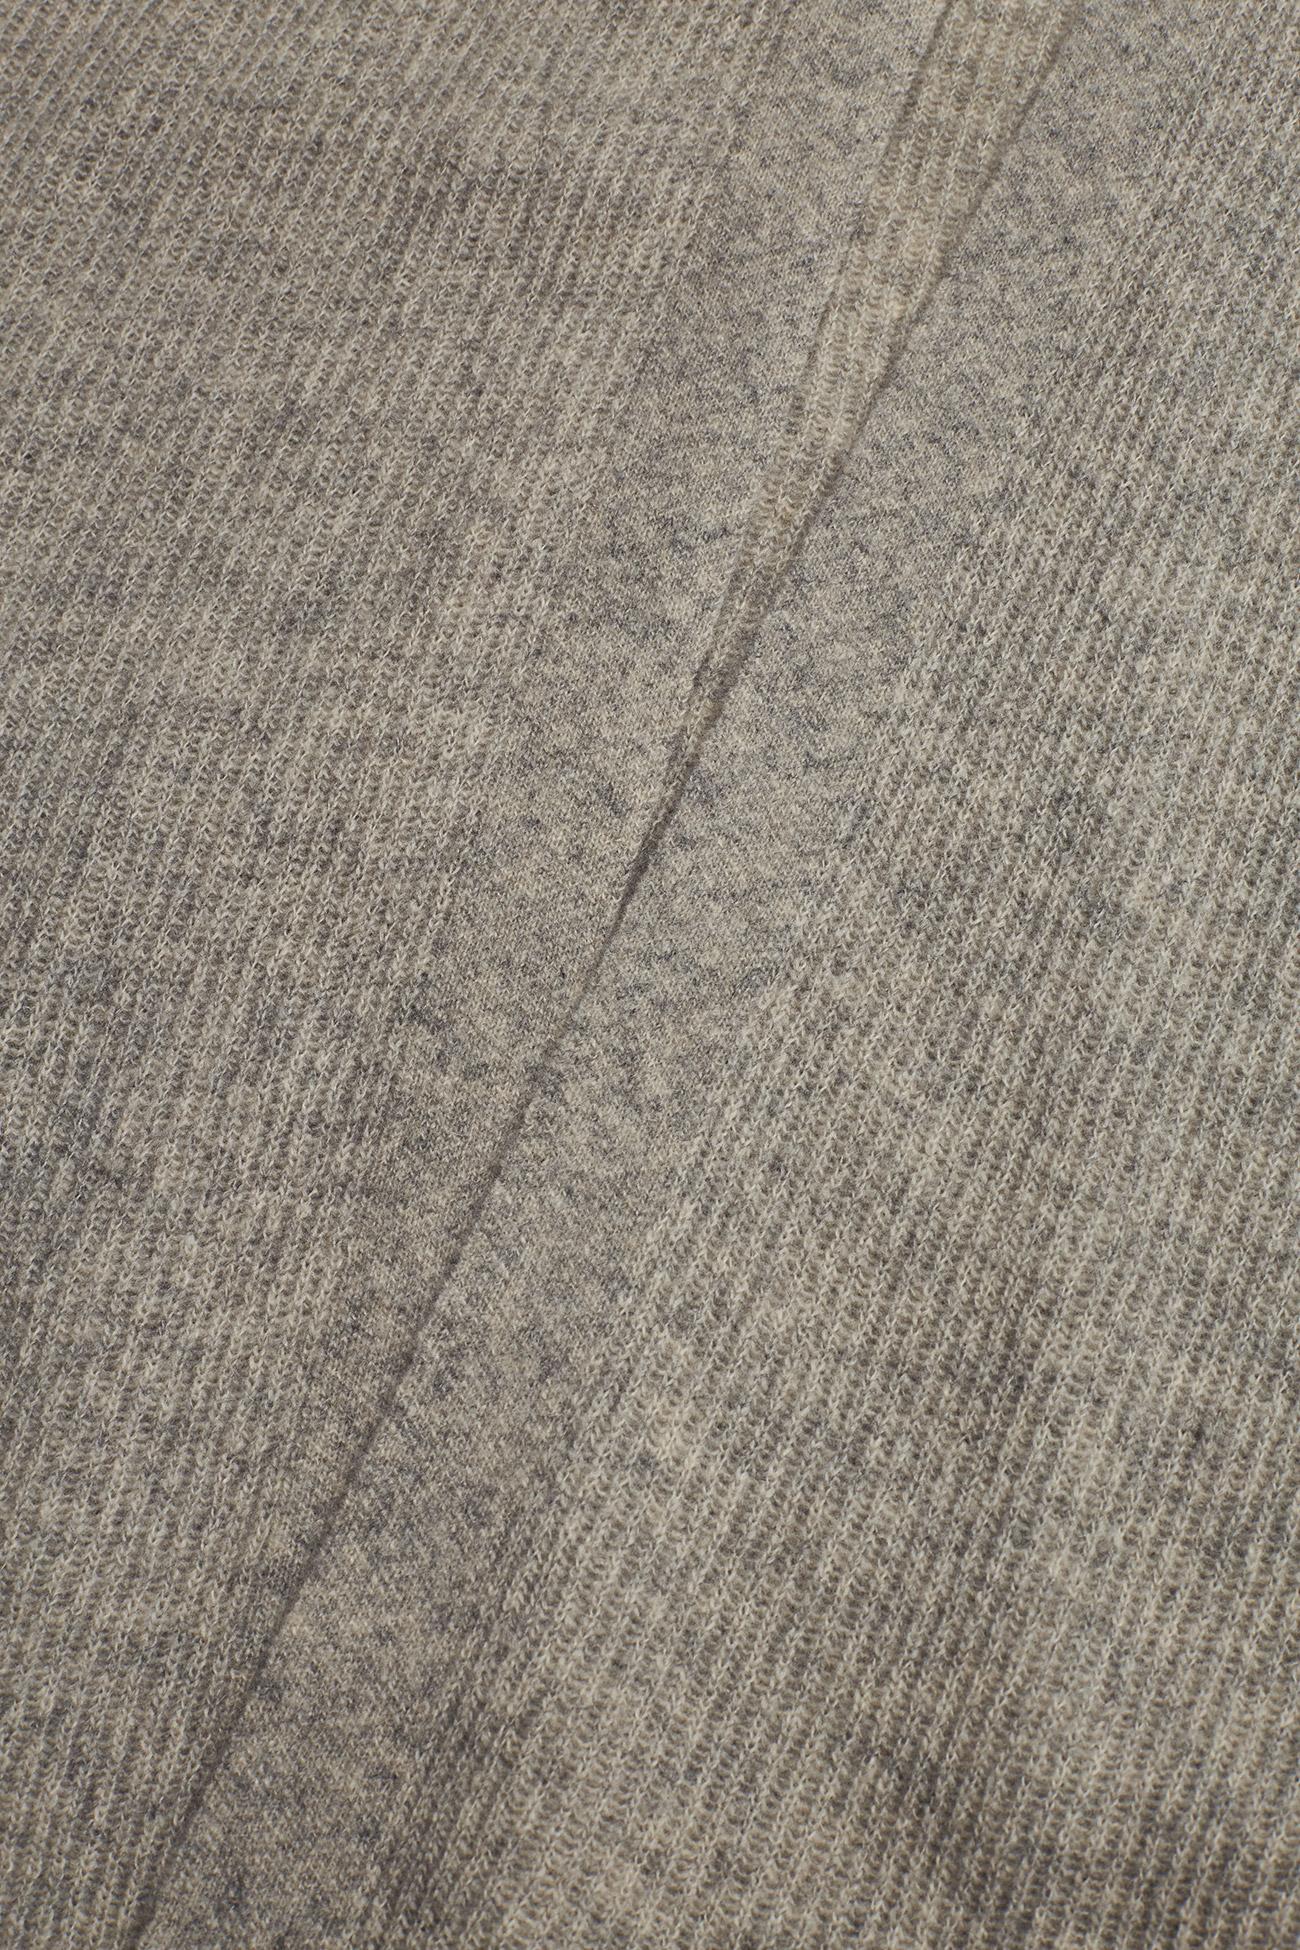 Bl HeaPolo cash swtlight Fthrwt lsl Ralph Lauren Wool Vintage 0Pm8nNyvwO